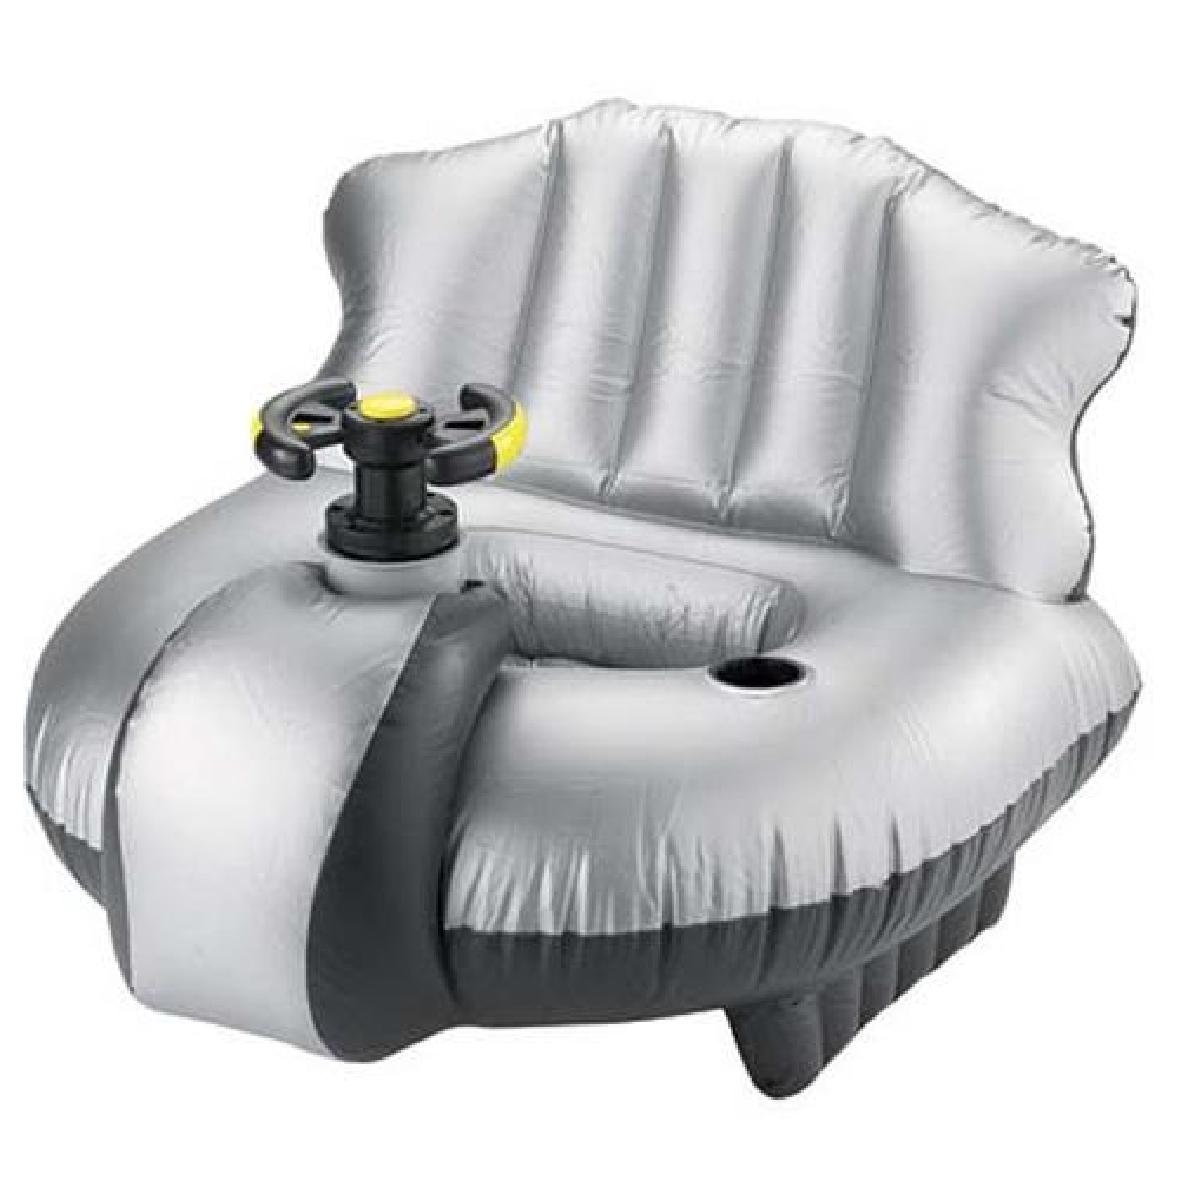 cadeaux 2 ouf id es de cadeaux insolites et originaux. Black Bedroom Furniture Sets. Home Design Ideas